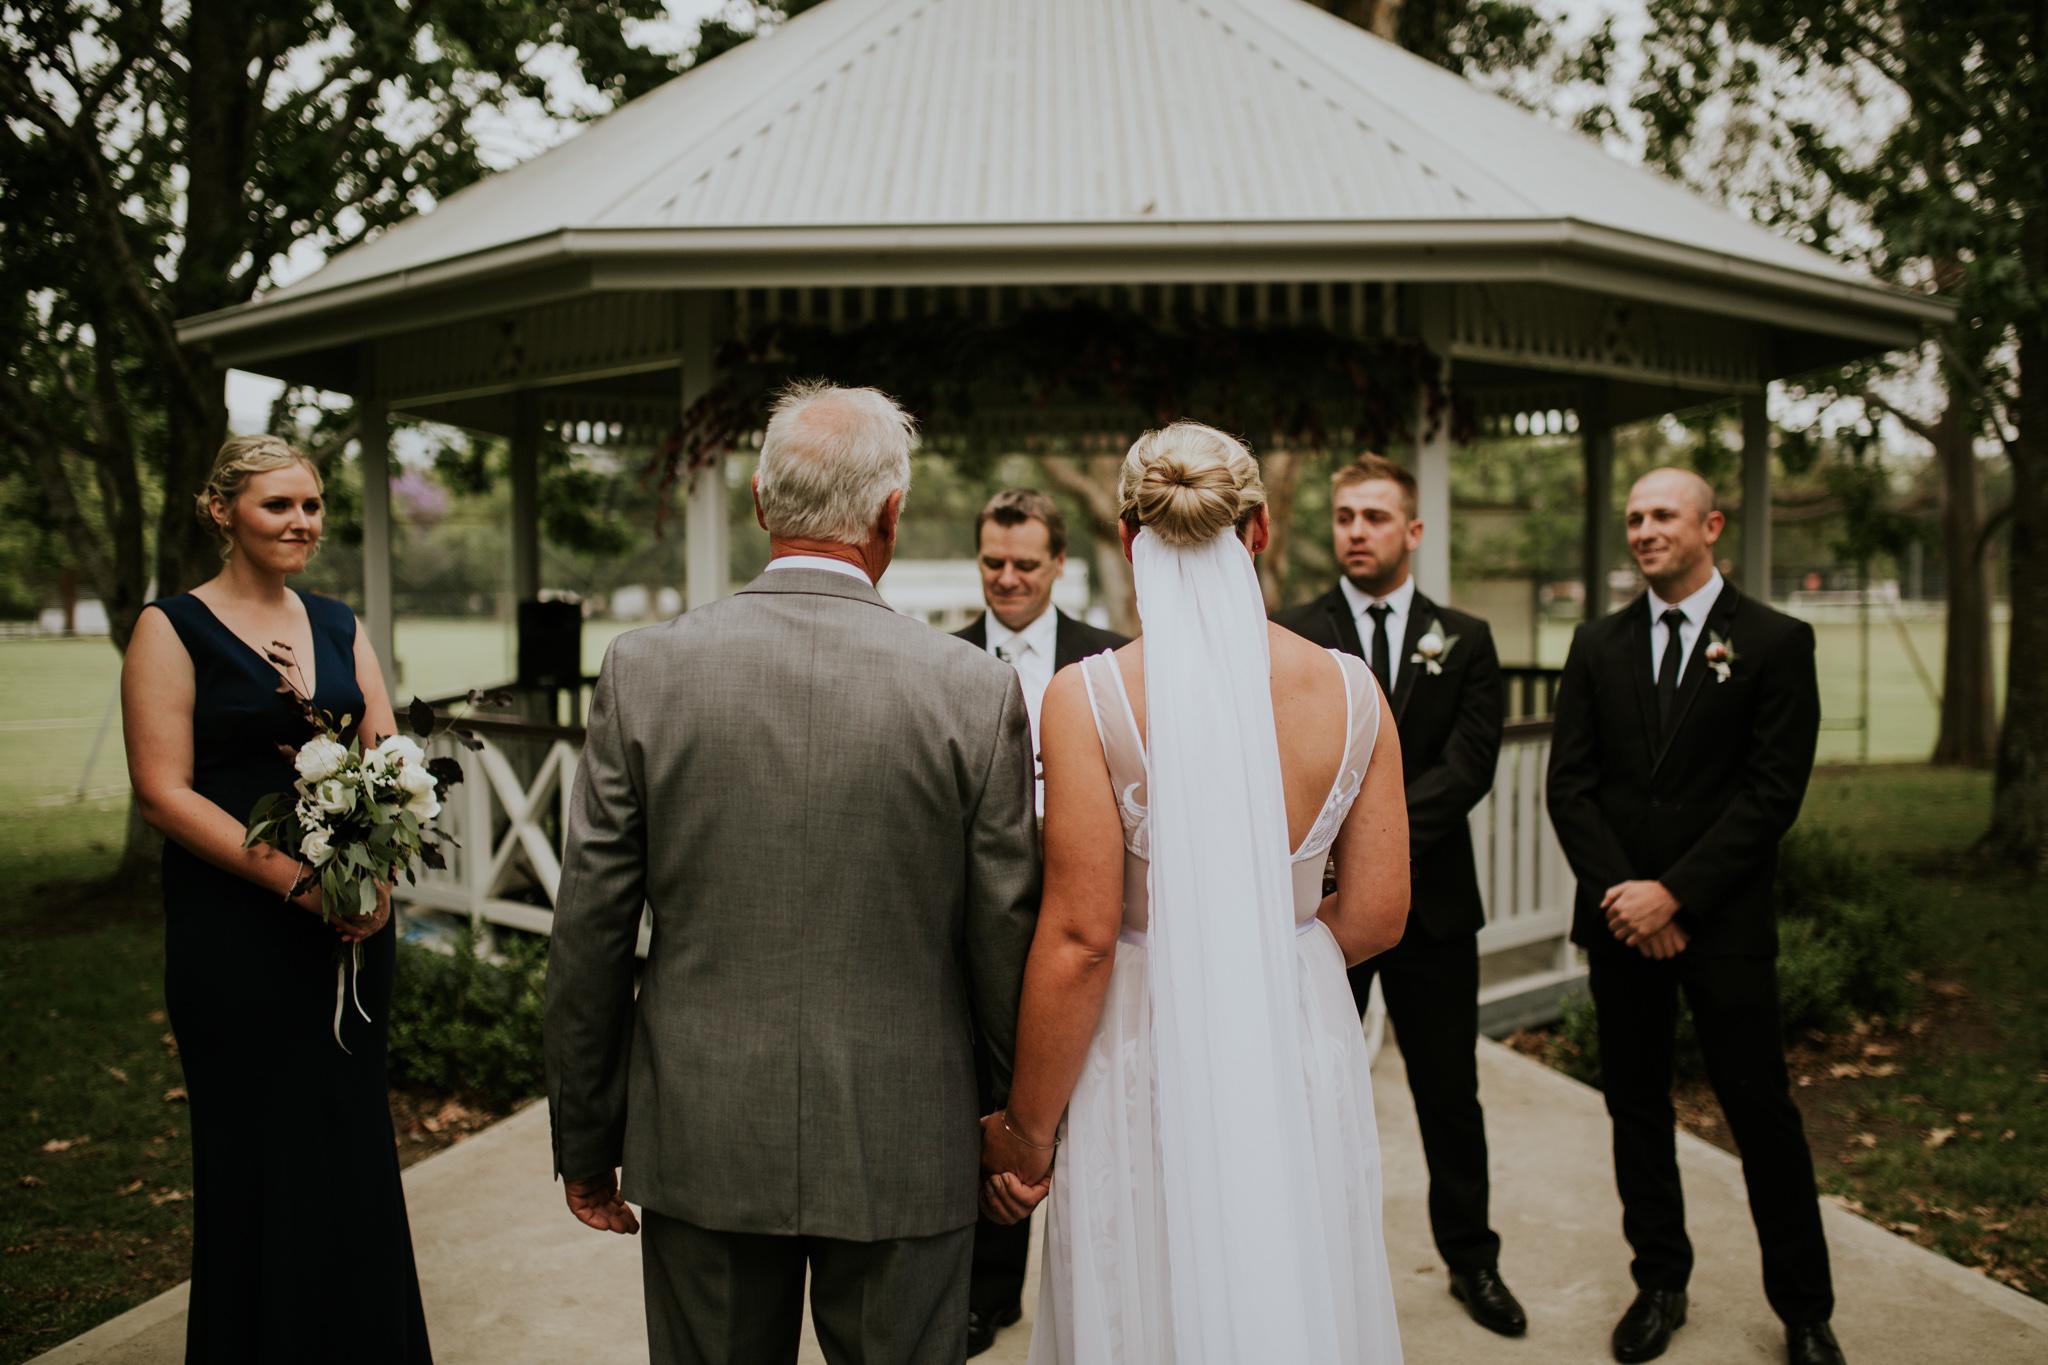 Lucy+Kyle+Kiama+Sebel+wedding-63.jpg